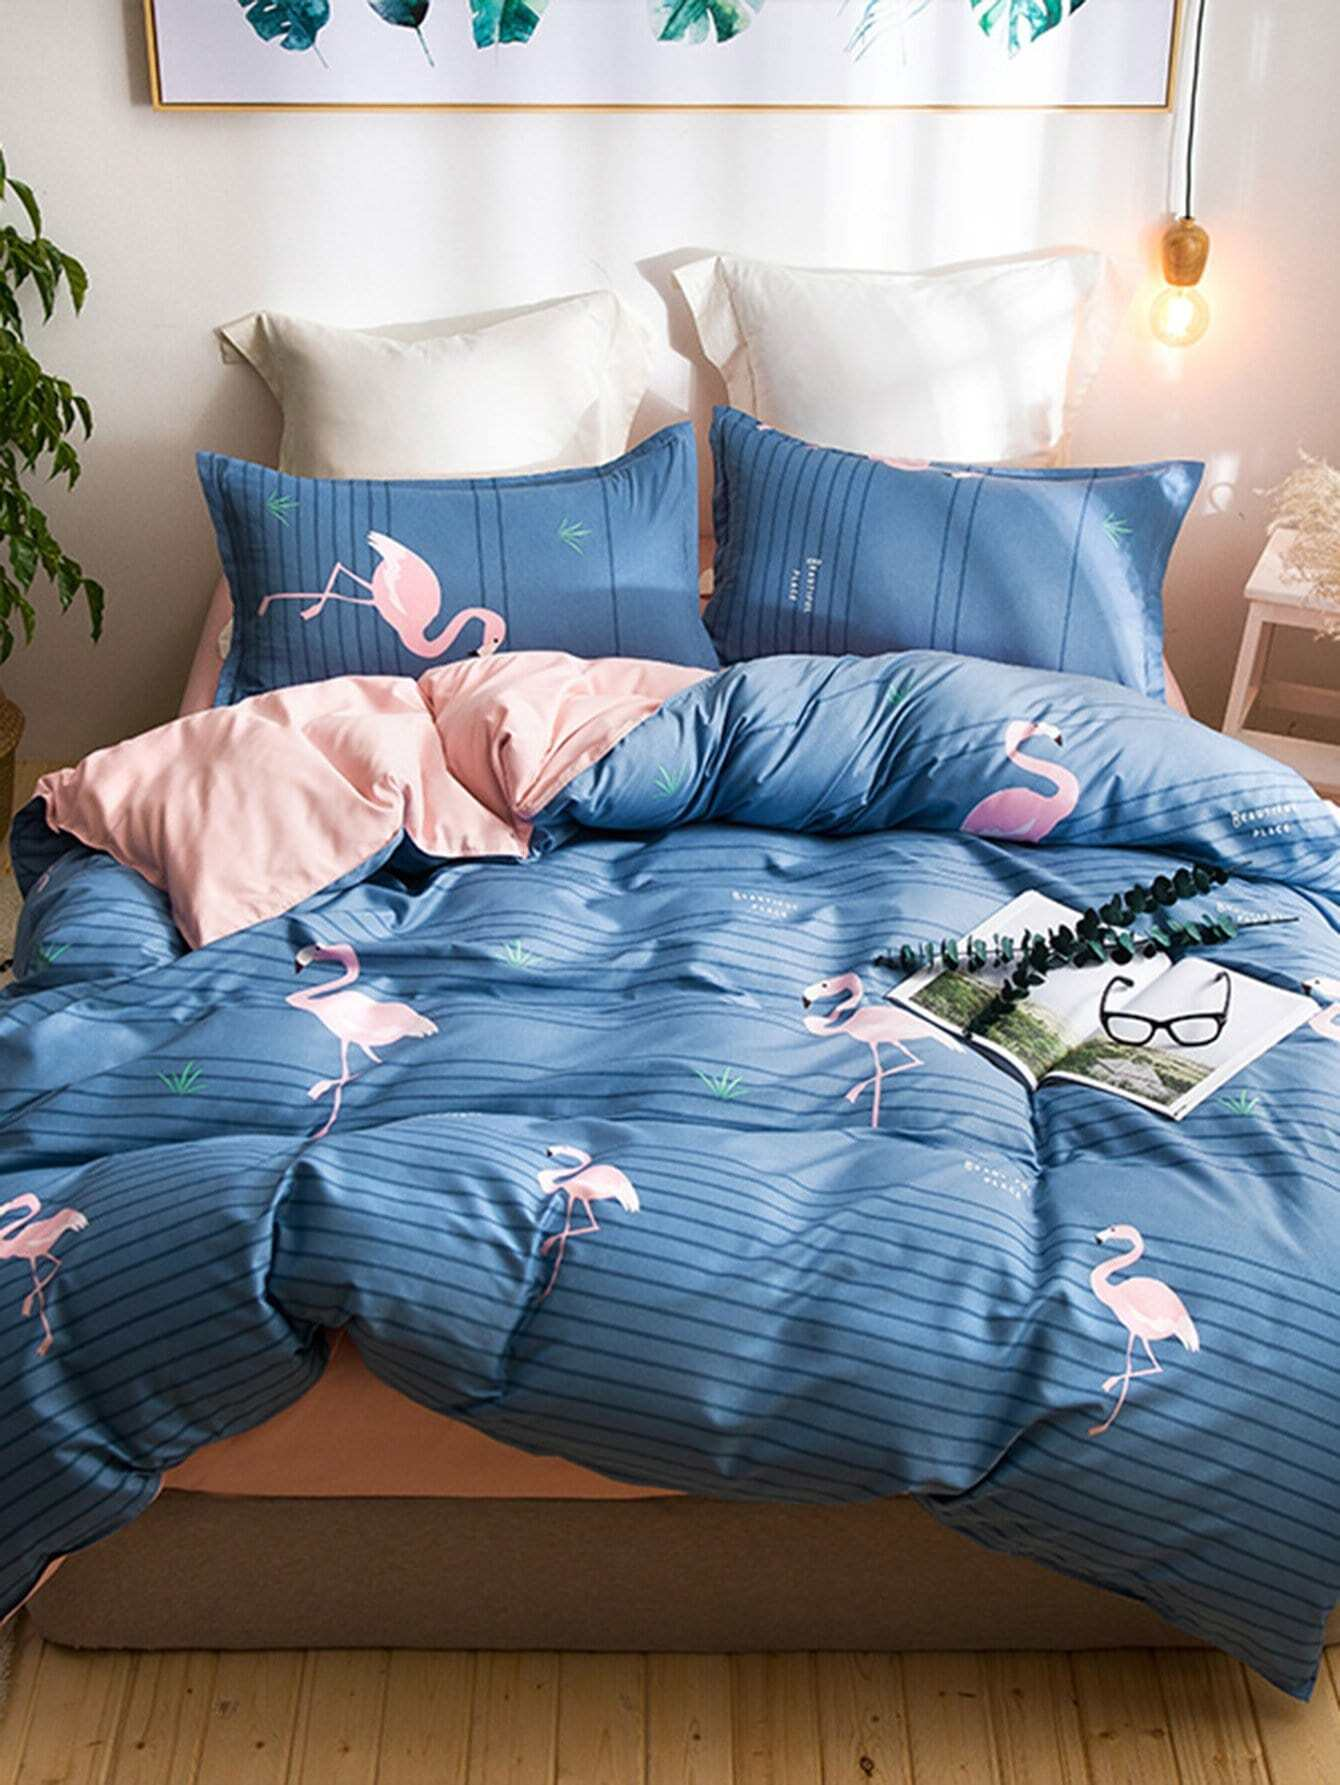 Купить Комплект для кровати с принтом полосками и фламинго, null, SheIn